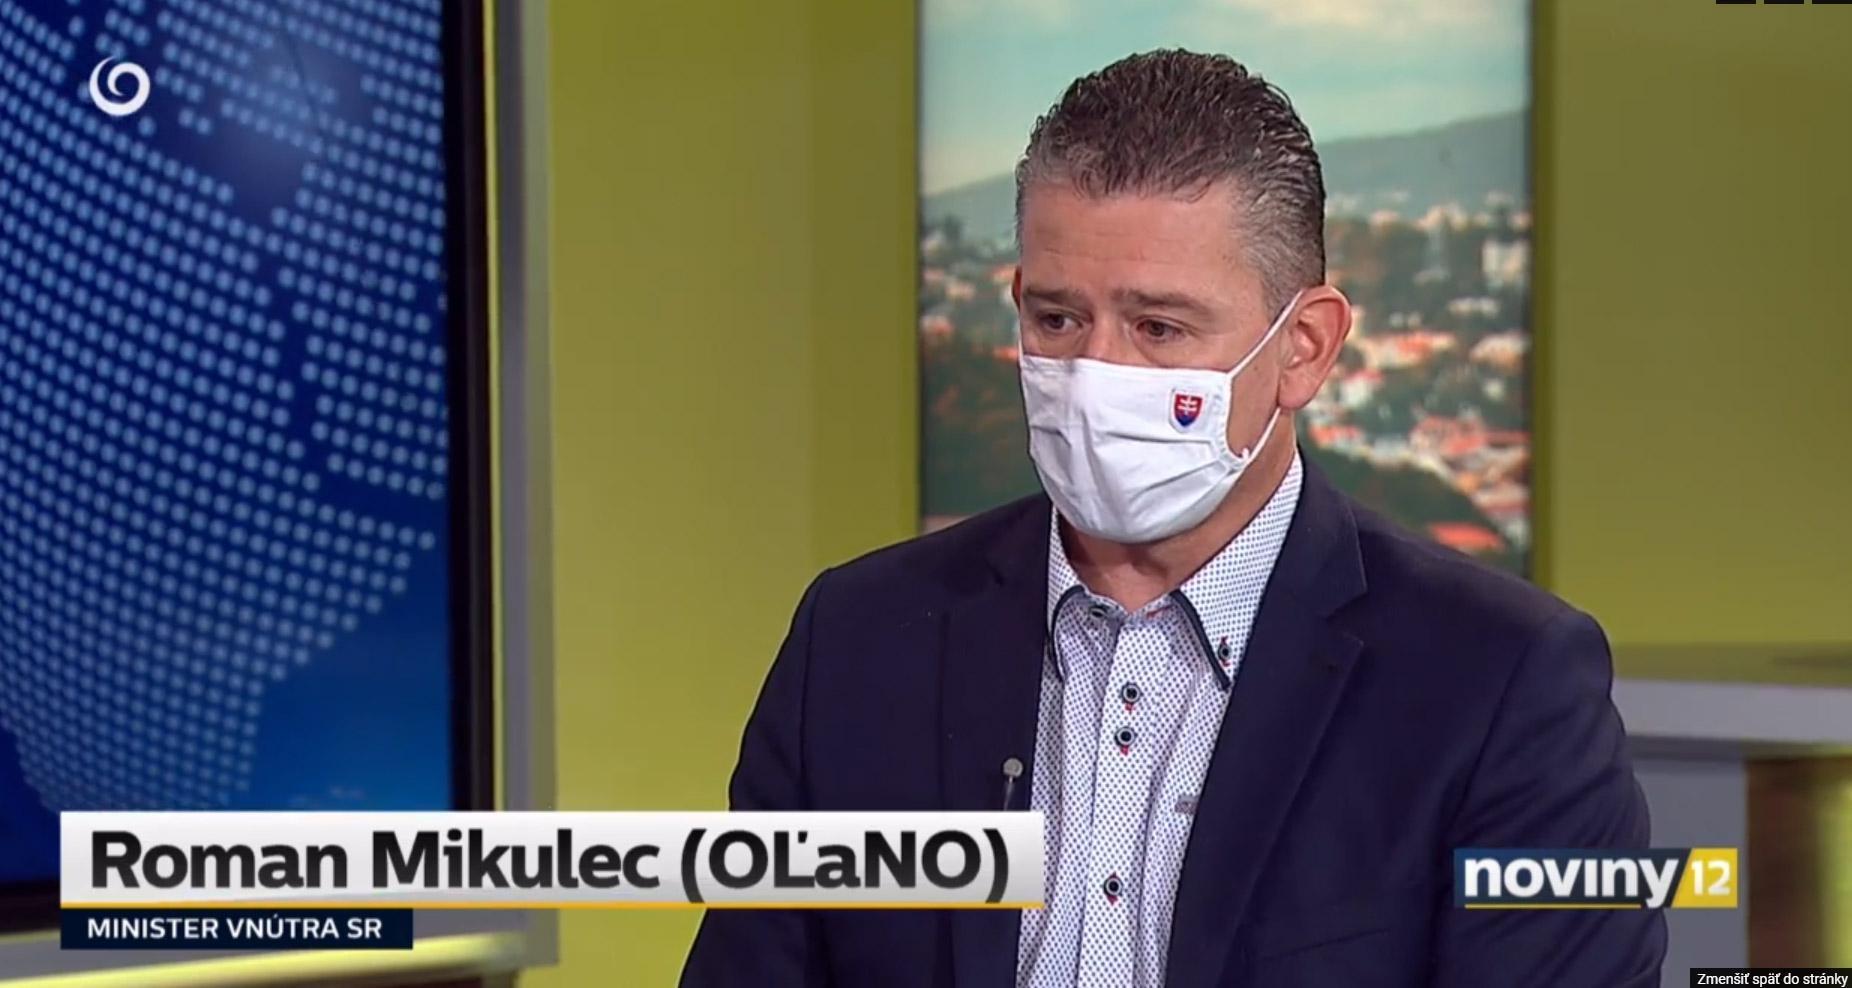 斯洛伐克内务部长证实:维也纳恐袭弹药来自斯洛伐克